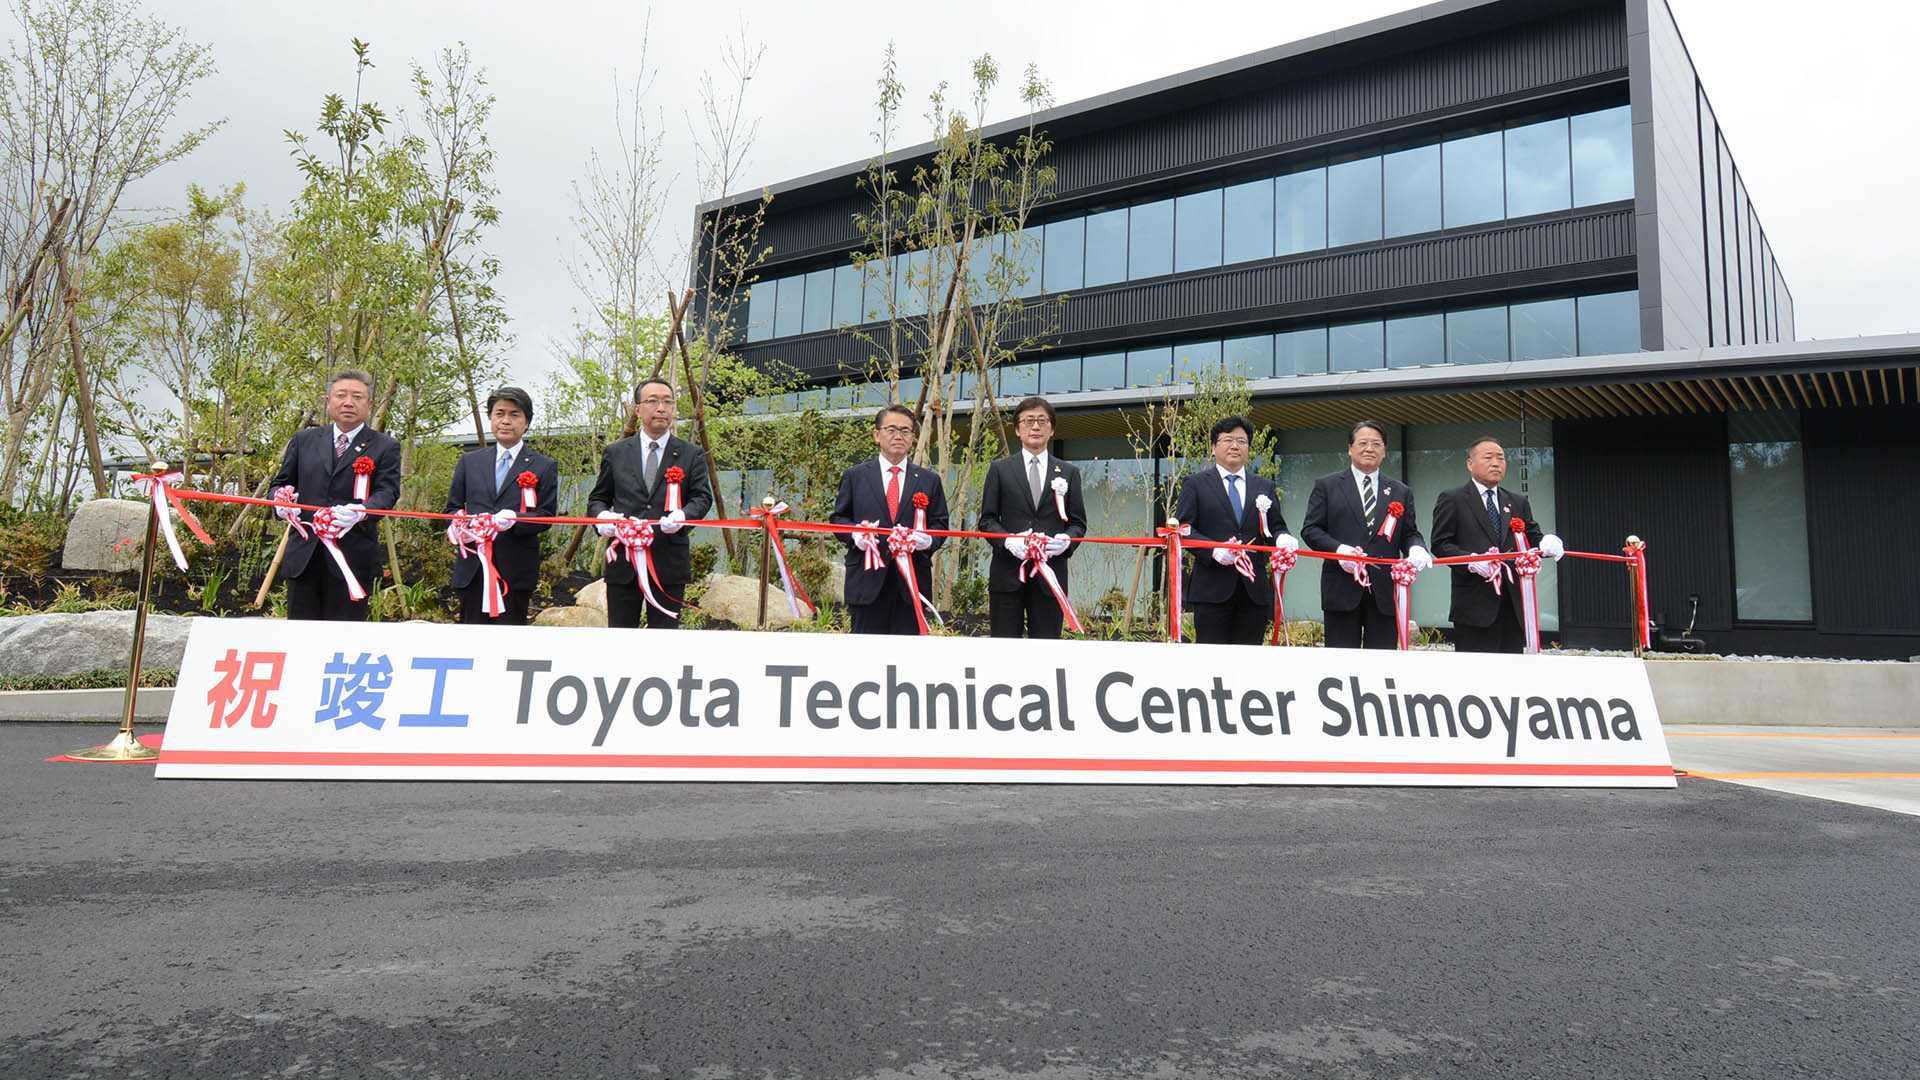 Toyota Technical Center Shimoyama, o el Nürburgring a la japonesa